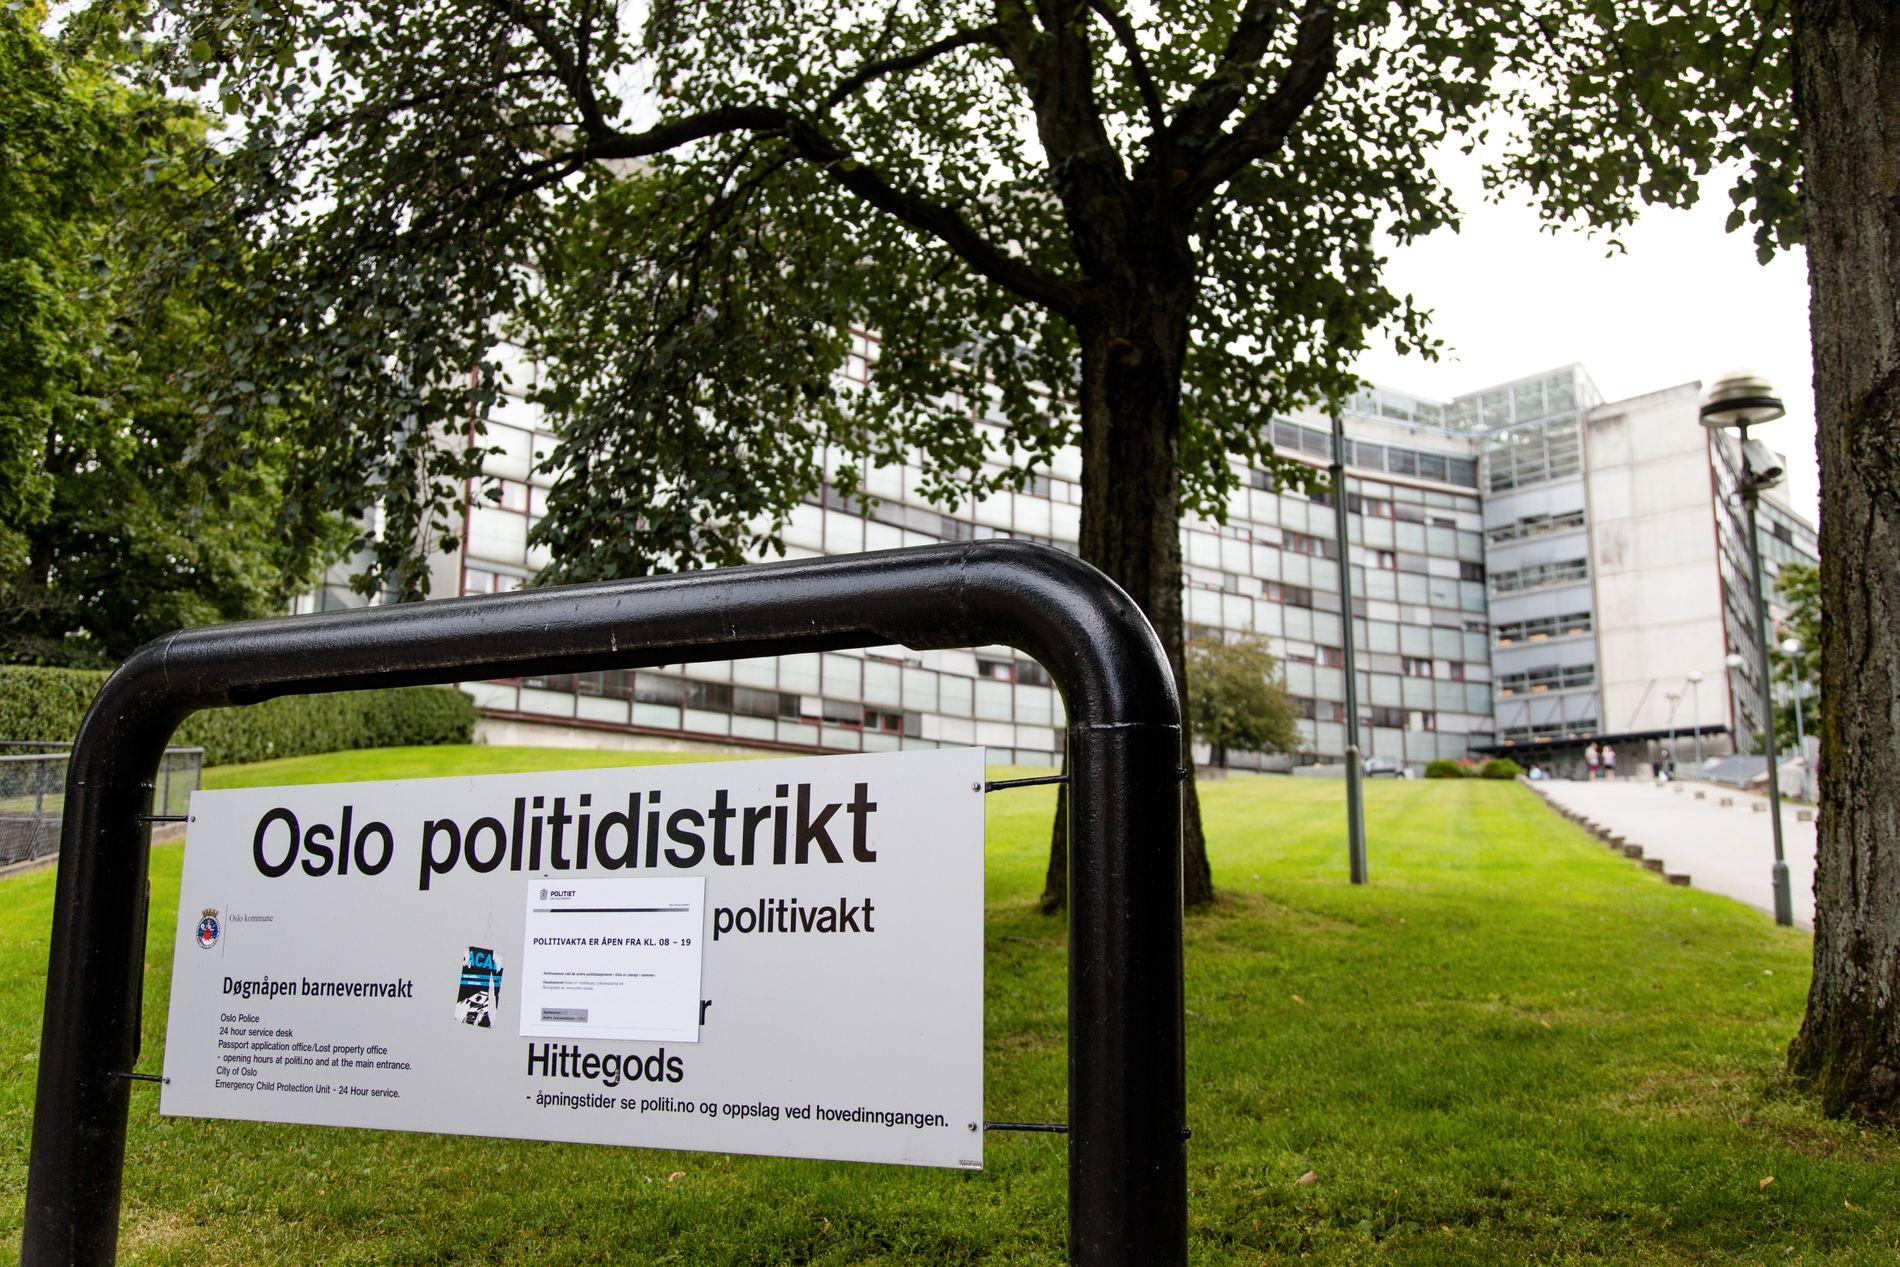 Påtaleleder Beate Brinch Sand i Oslo politidistrikt bekrefter at saker med kjent gjerningsperson henlegges og sier hun forstår at det kommer reaksjoner mot praksisen.